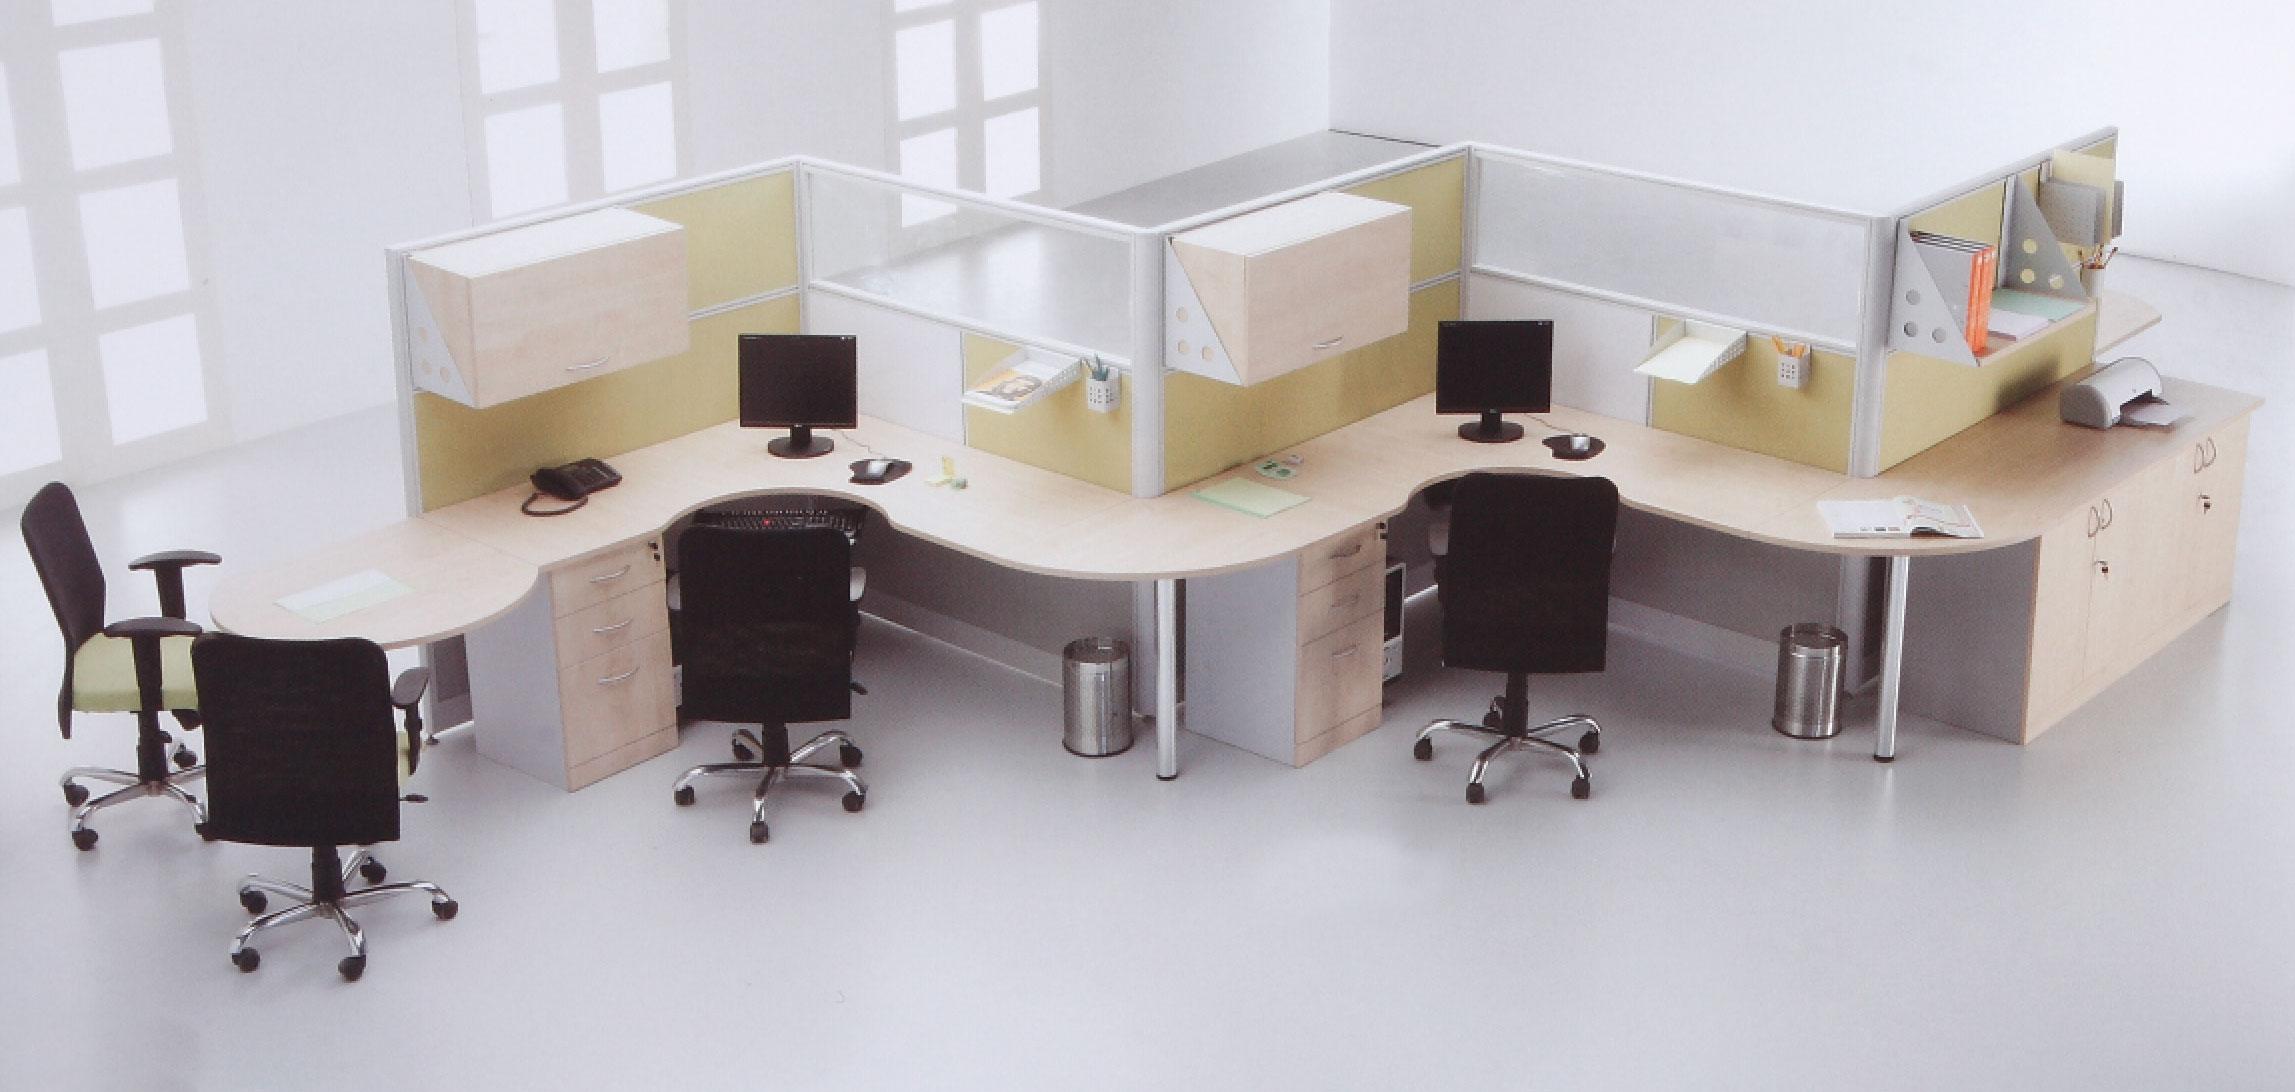 thiết kế văn phòng chuyên nghiệp